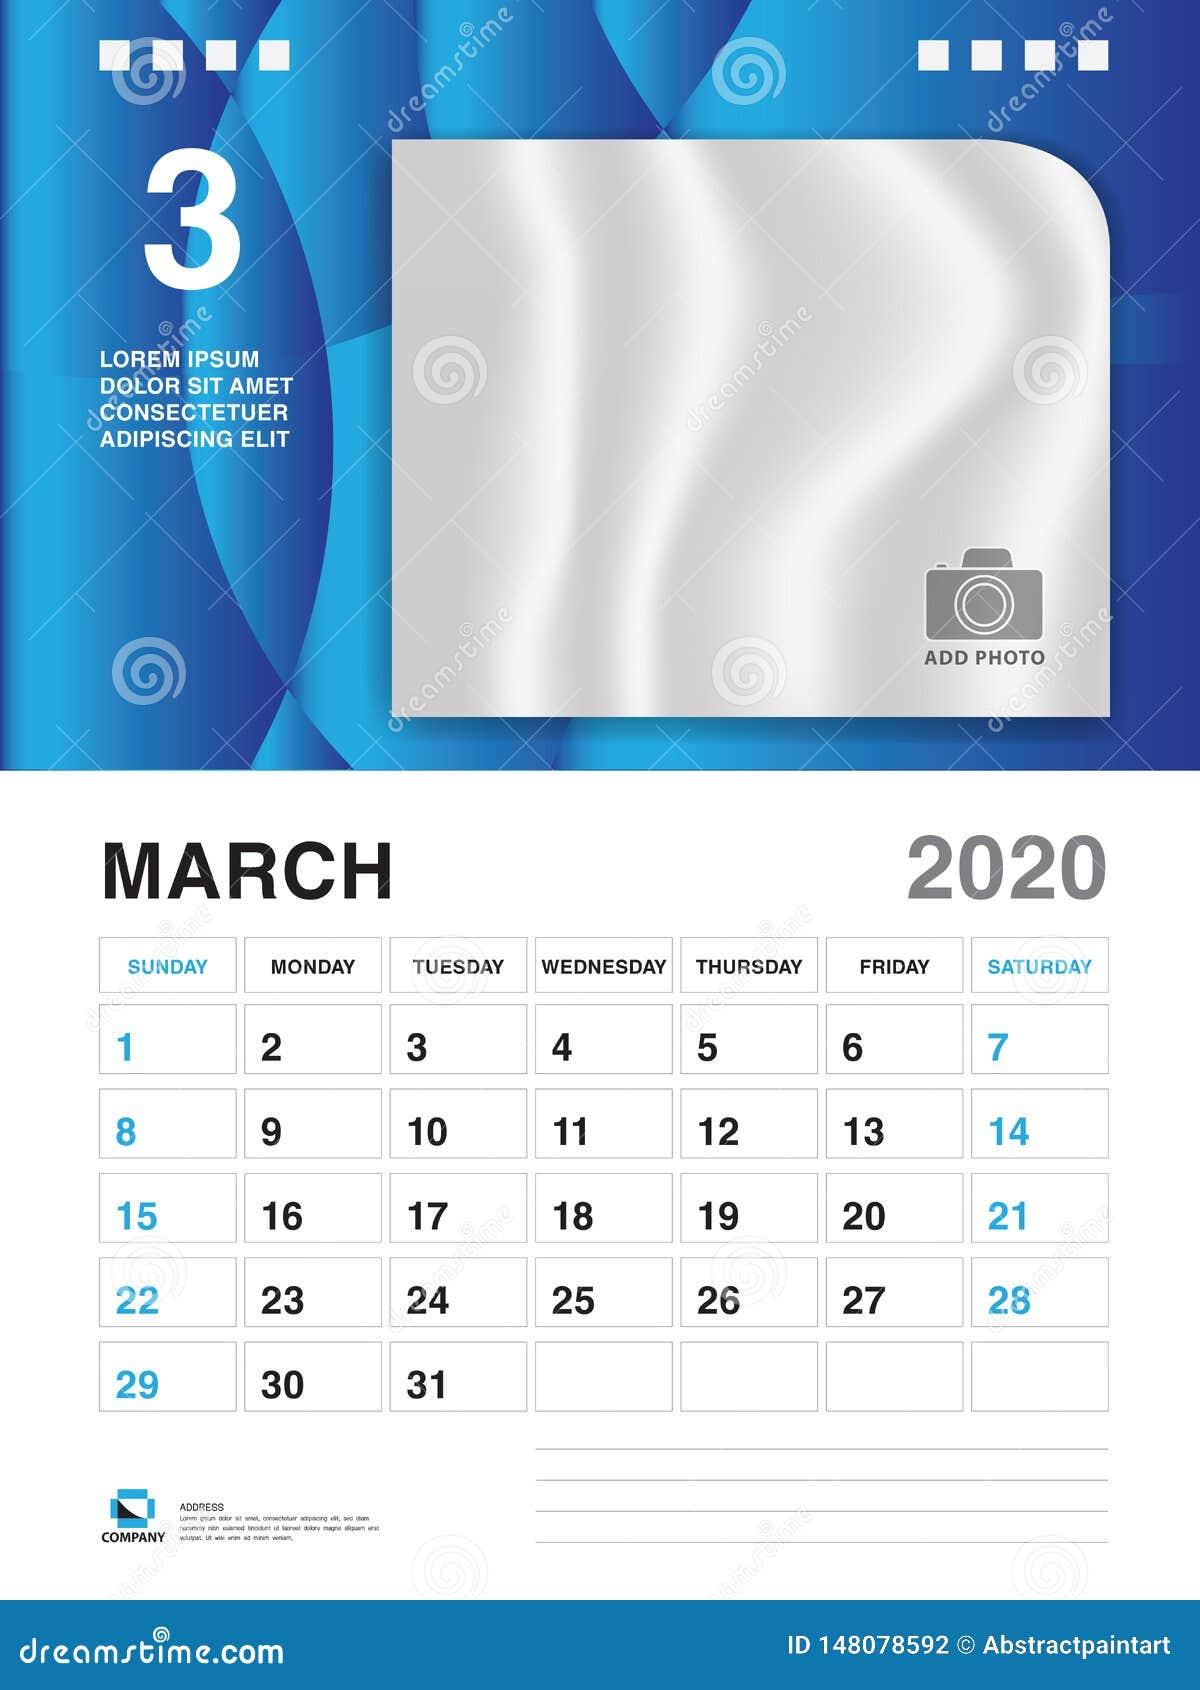 Modele De Calendrier 2020.Mars 2020 Calibre D Annee Vecteur Du Calendrier 2020